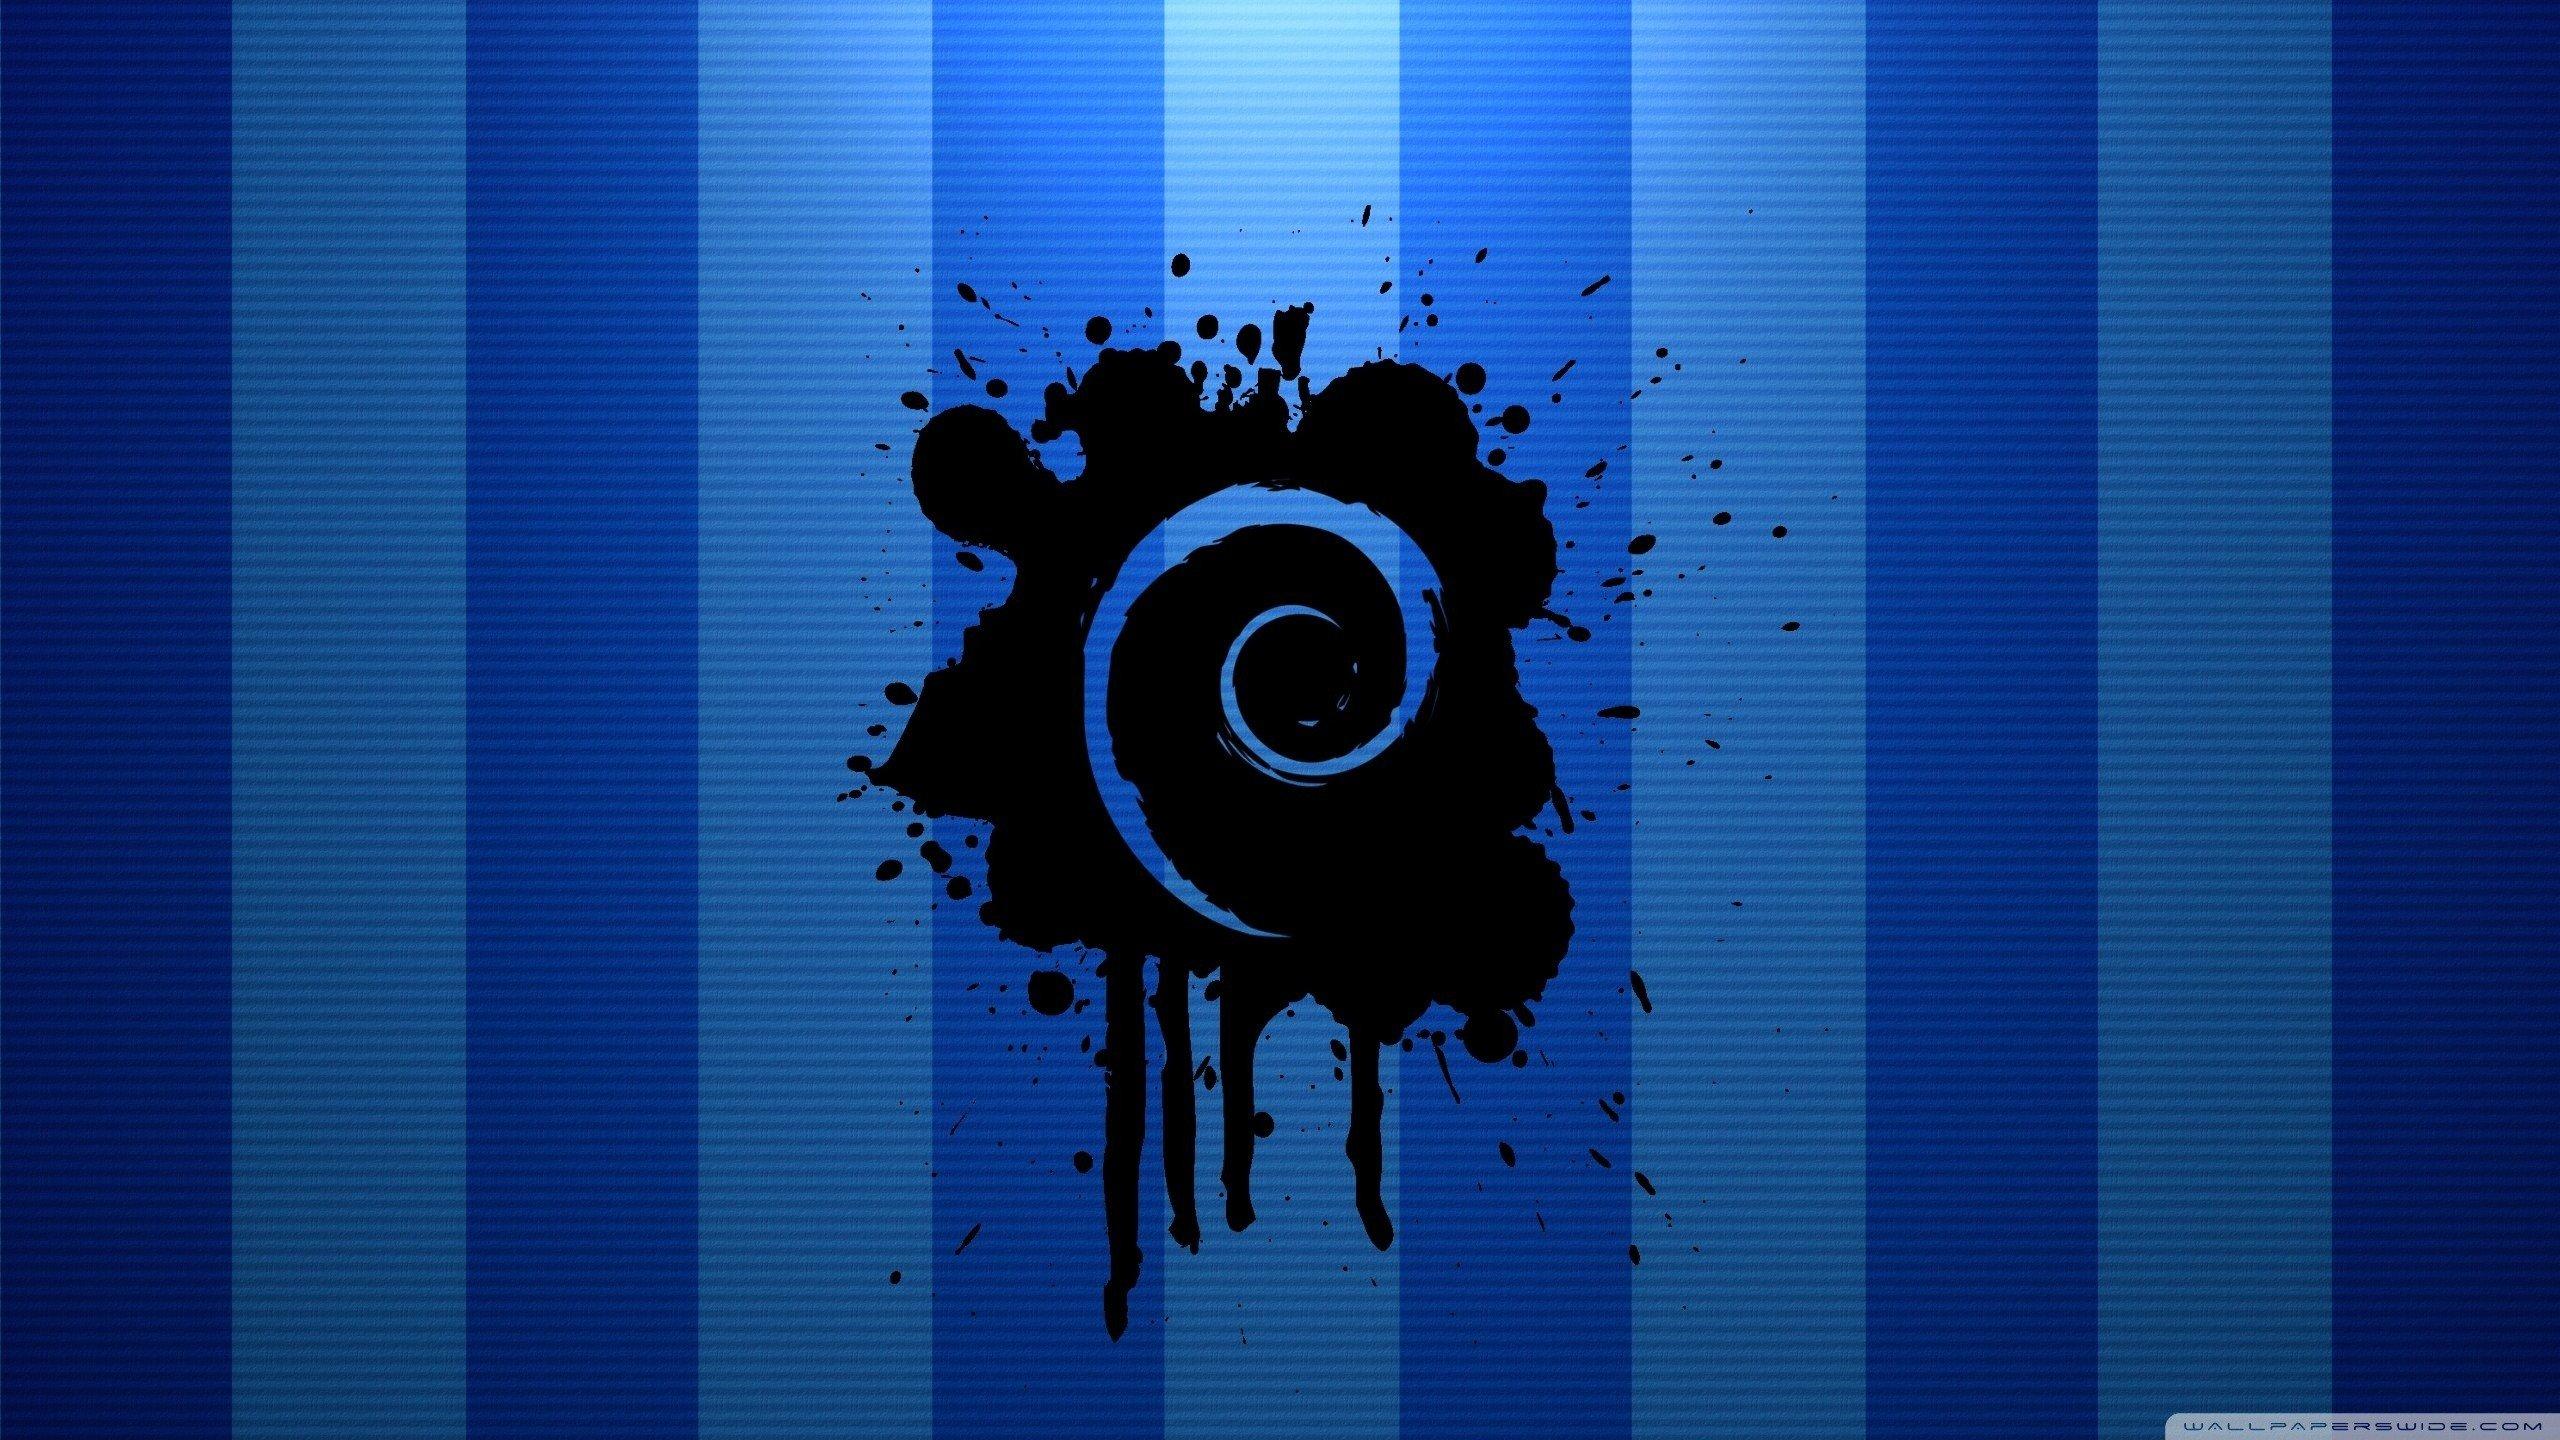 Wallpaper 2560x1440 Px Debian Gnu Linux 2560x1440 Wallbase 1225885 Hd Wallpapers Wallhere